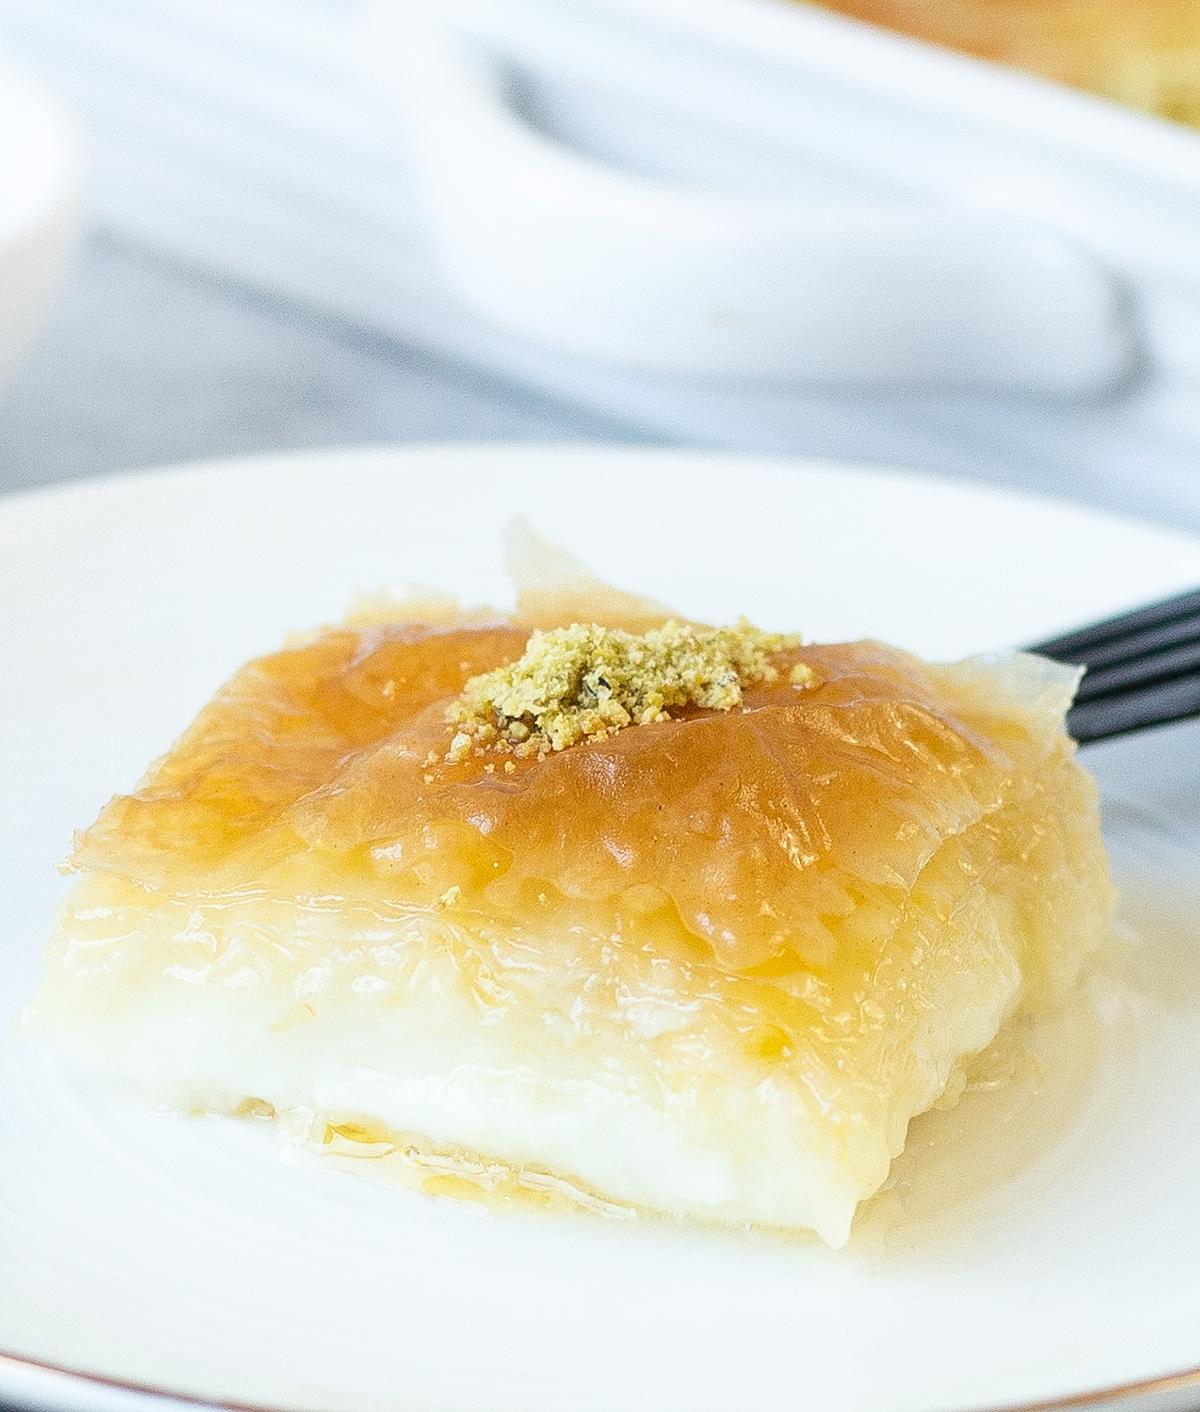 Greek Custard Pie With Syrup or Galaktoboureko